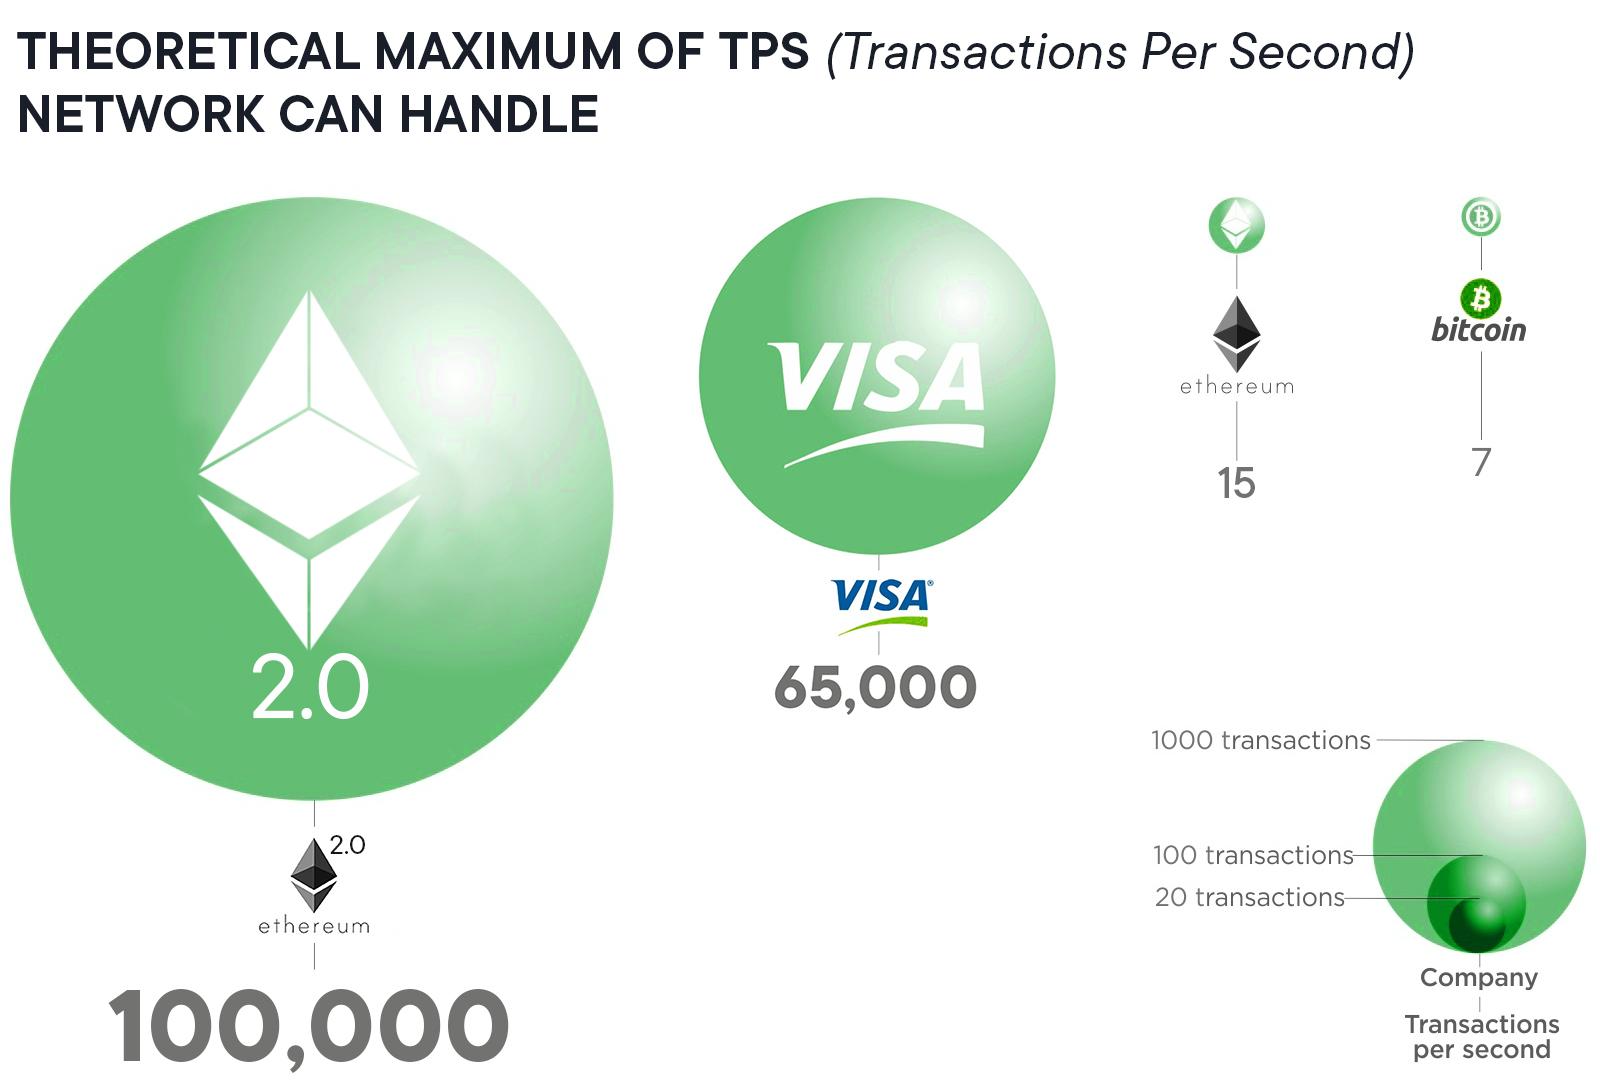 Theoretical maximum of TPS (transactions per second)